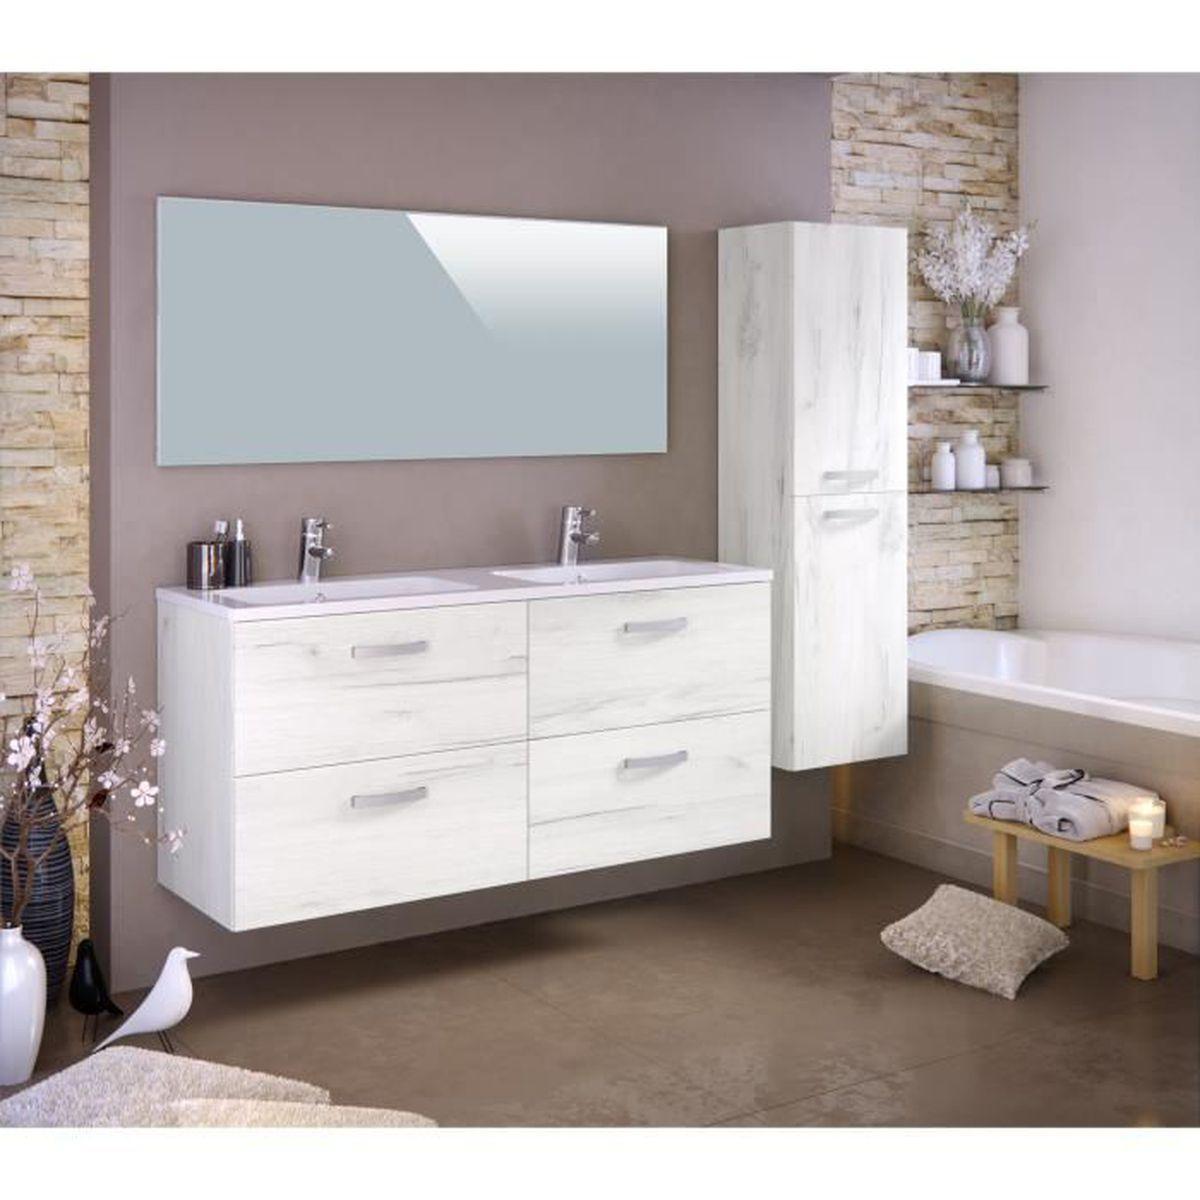 meuble de salle de bain 1 vasque 2 robinet 120 cm achat vente pas cher. Black Bedroom Furniture Sets. Home Design Ideas